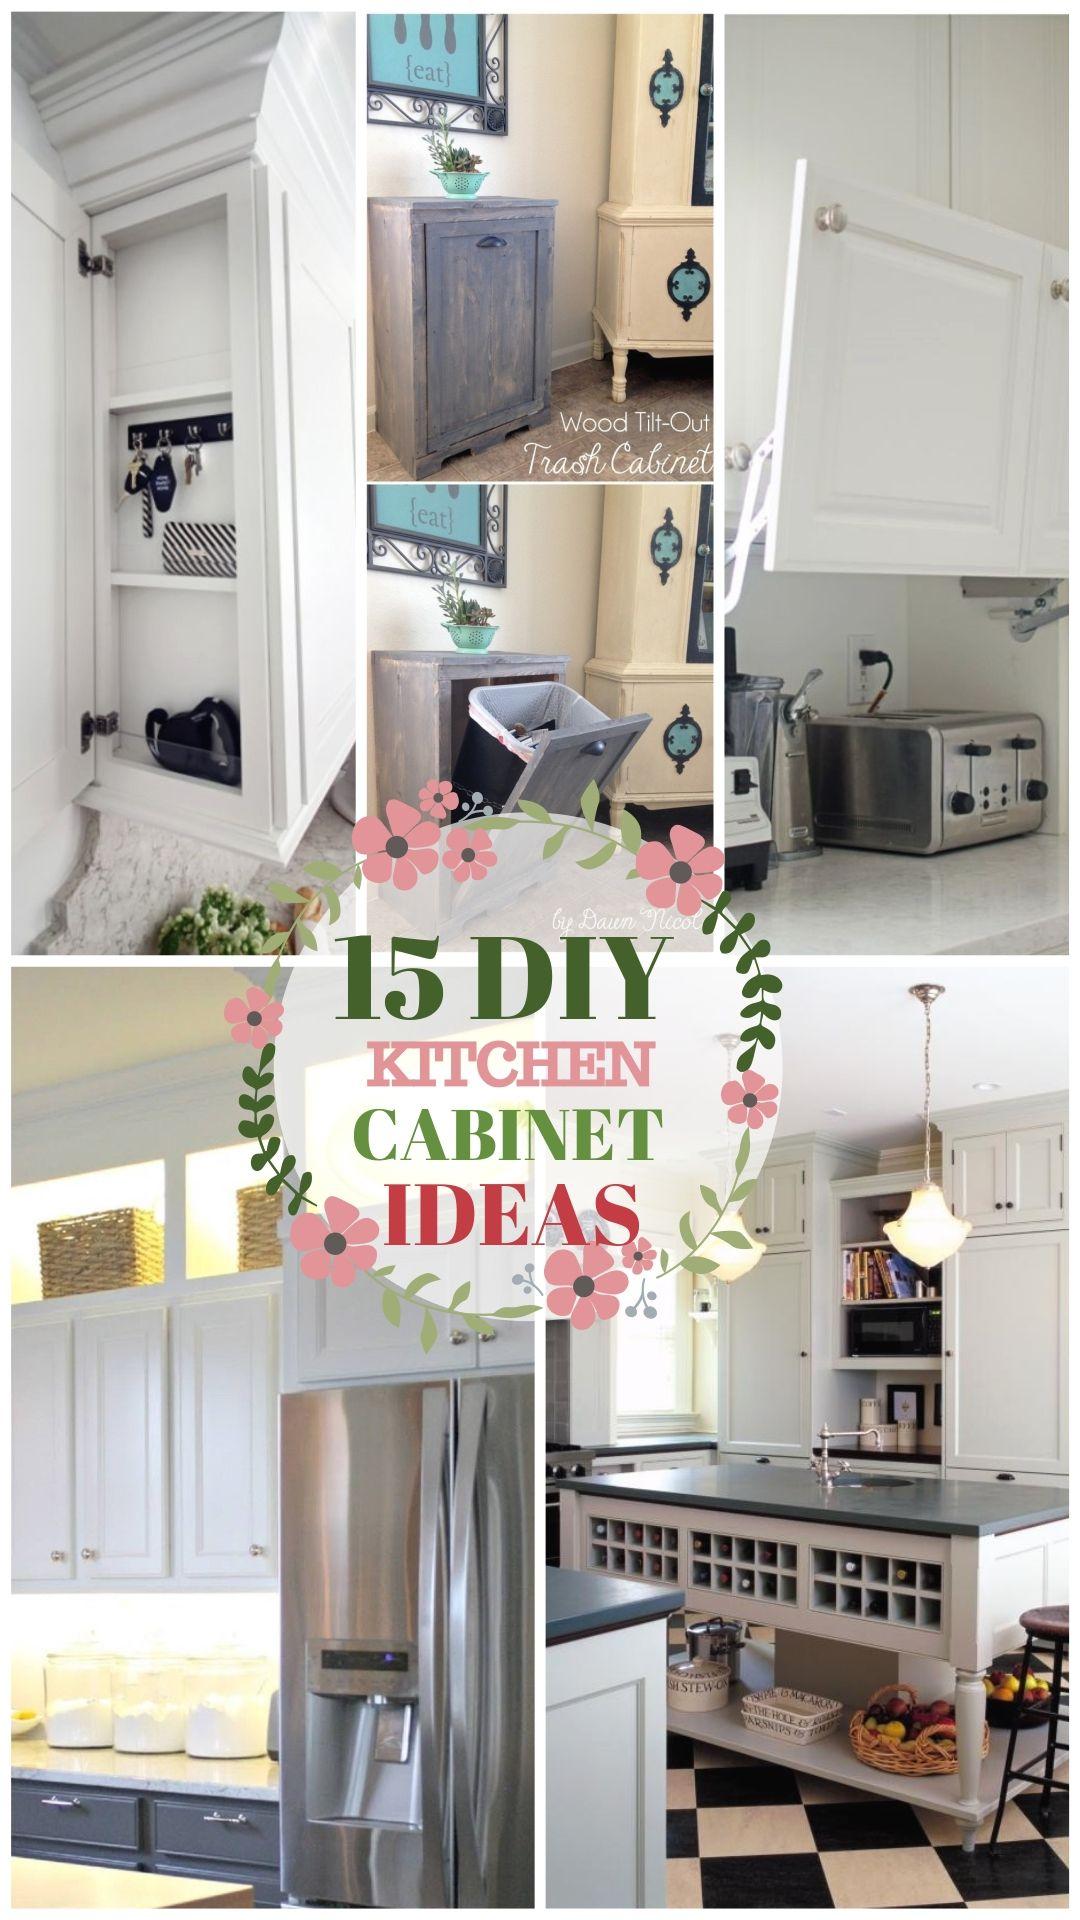 Best Kitchen Cabinet Diy Ideas Diy Kitchen Cabinets Kitchen Backsplash Designs Diy Kitchen